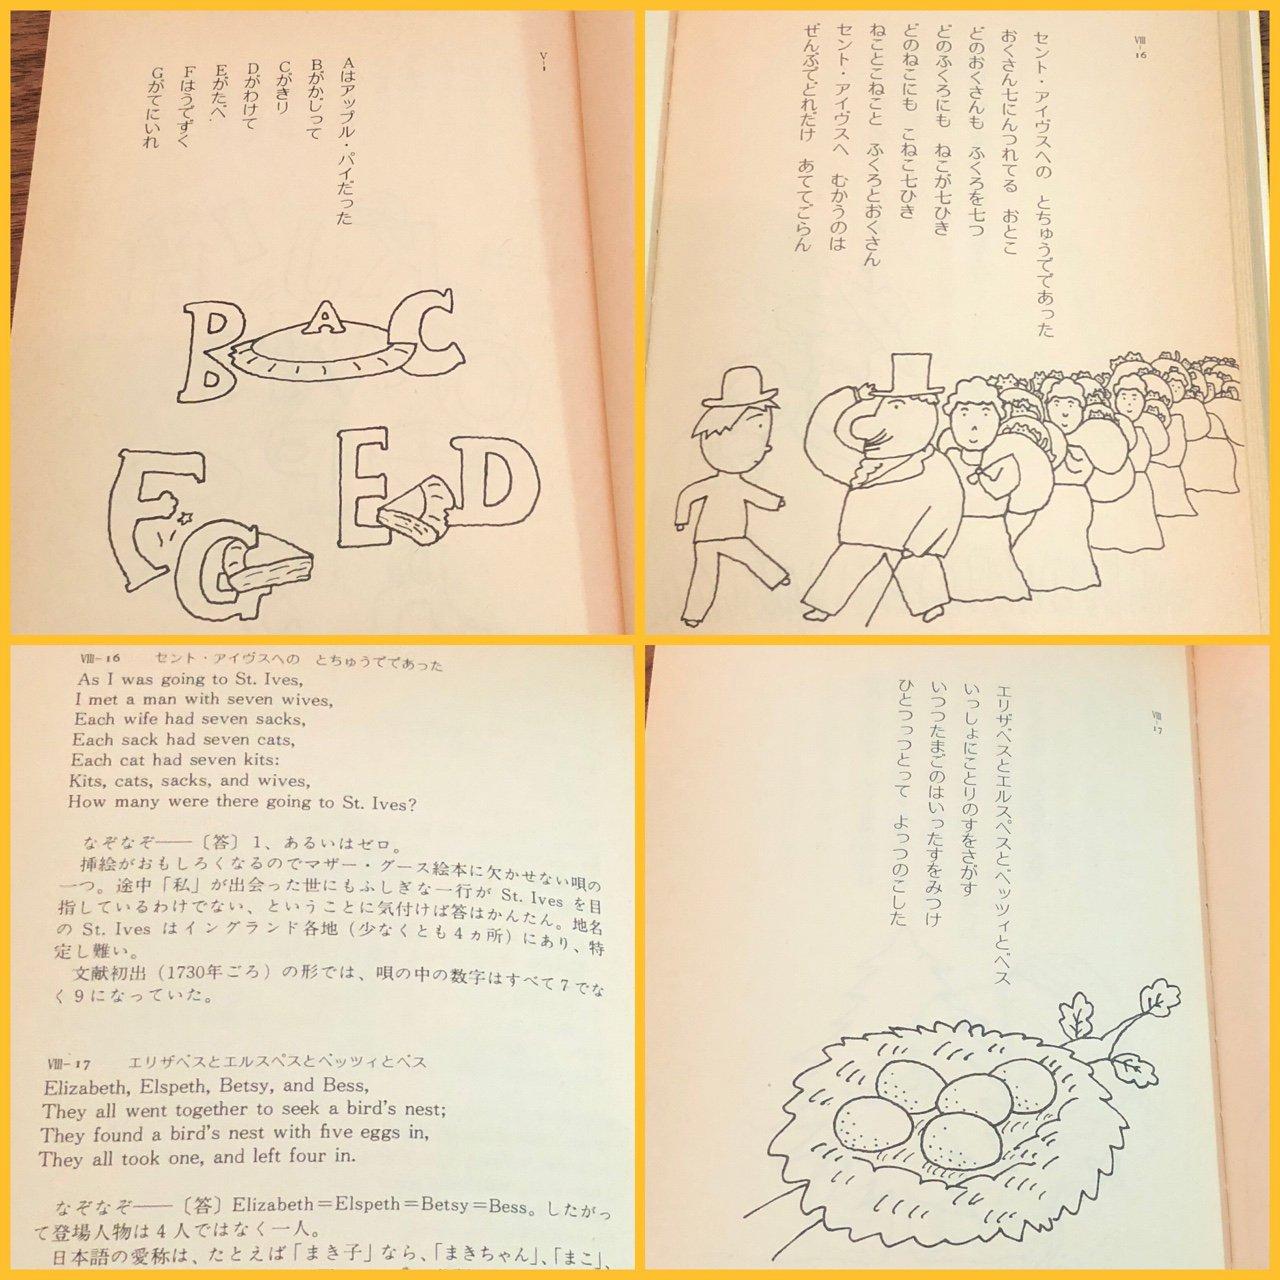 第3巻はクイズの歌が多く載ってる。セント・アイヴスへのとちゅうでであった。エリザベスとエルスペスとベッツィとベス。  マザー・グース3 (講談社文庫) | 谷川 俊太郎, 和田 誠, 平野 敬一 https://t.co/p3h7TWvORQ https://t.co/VDHKKFW5j0